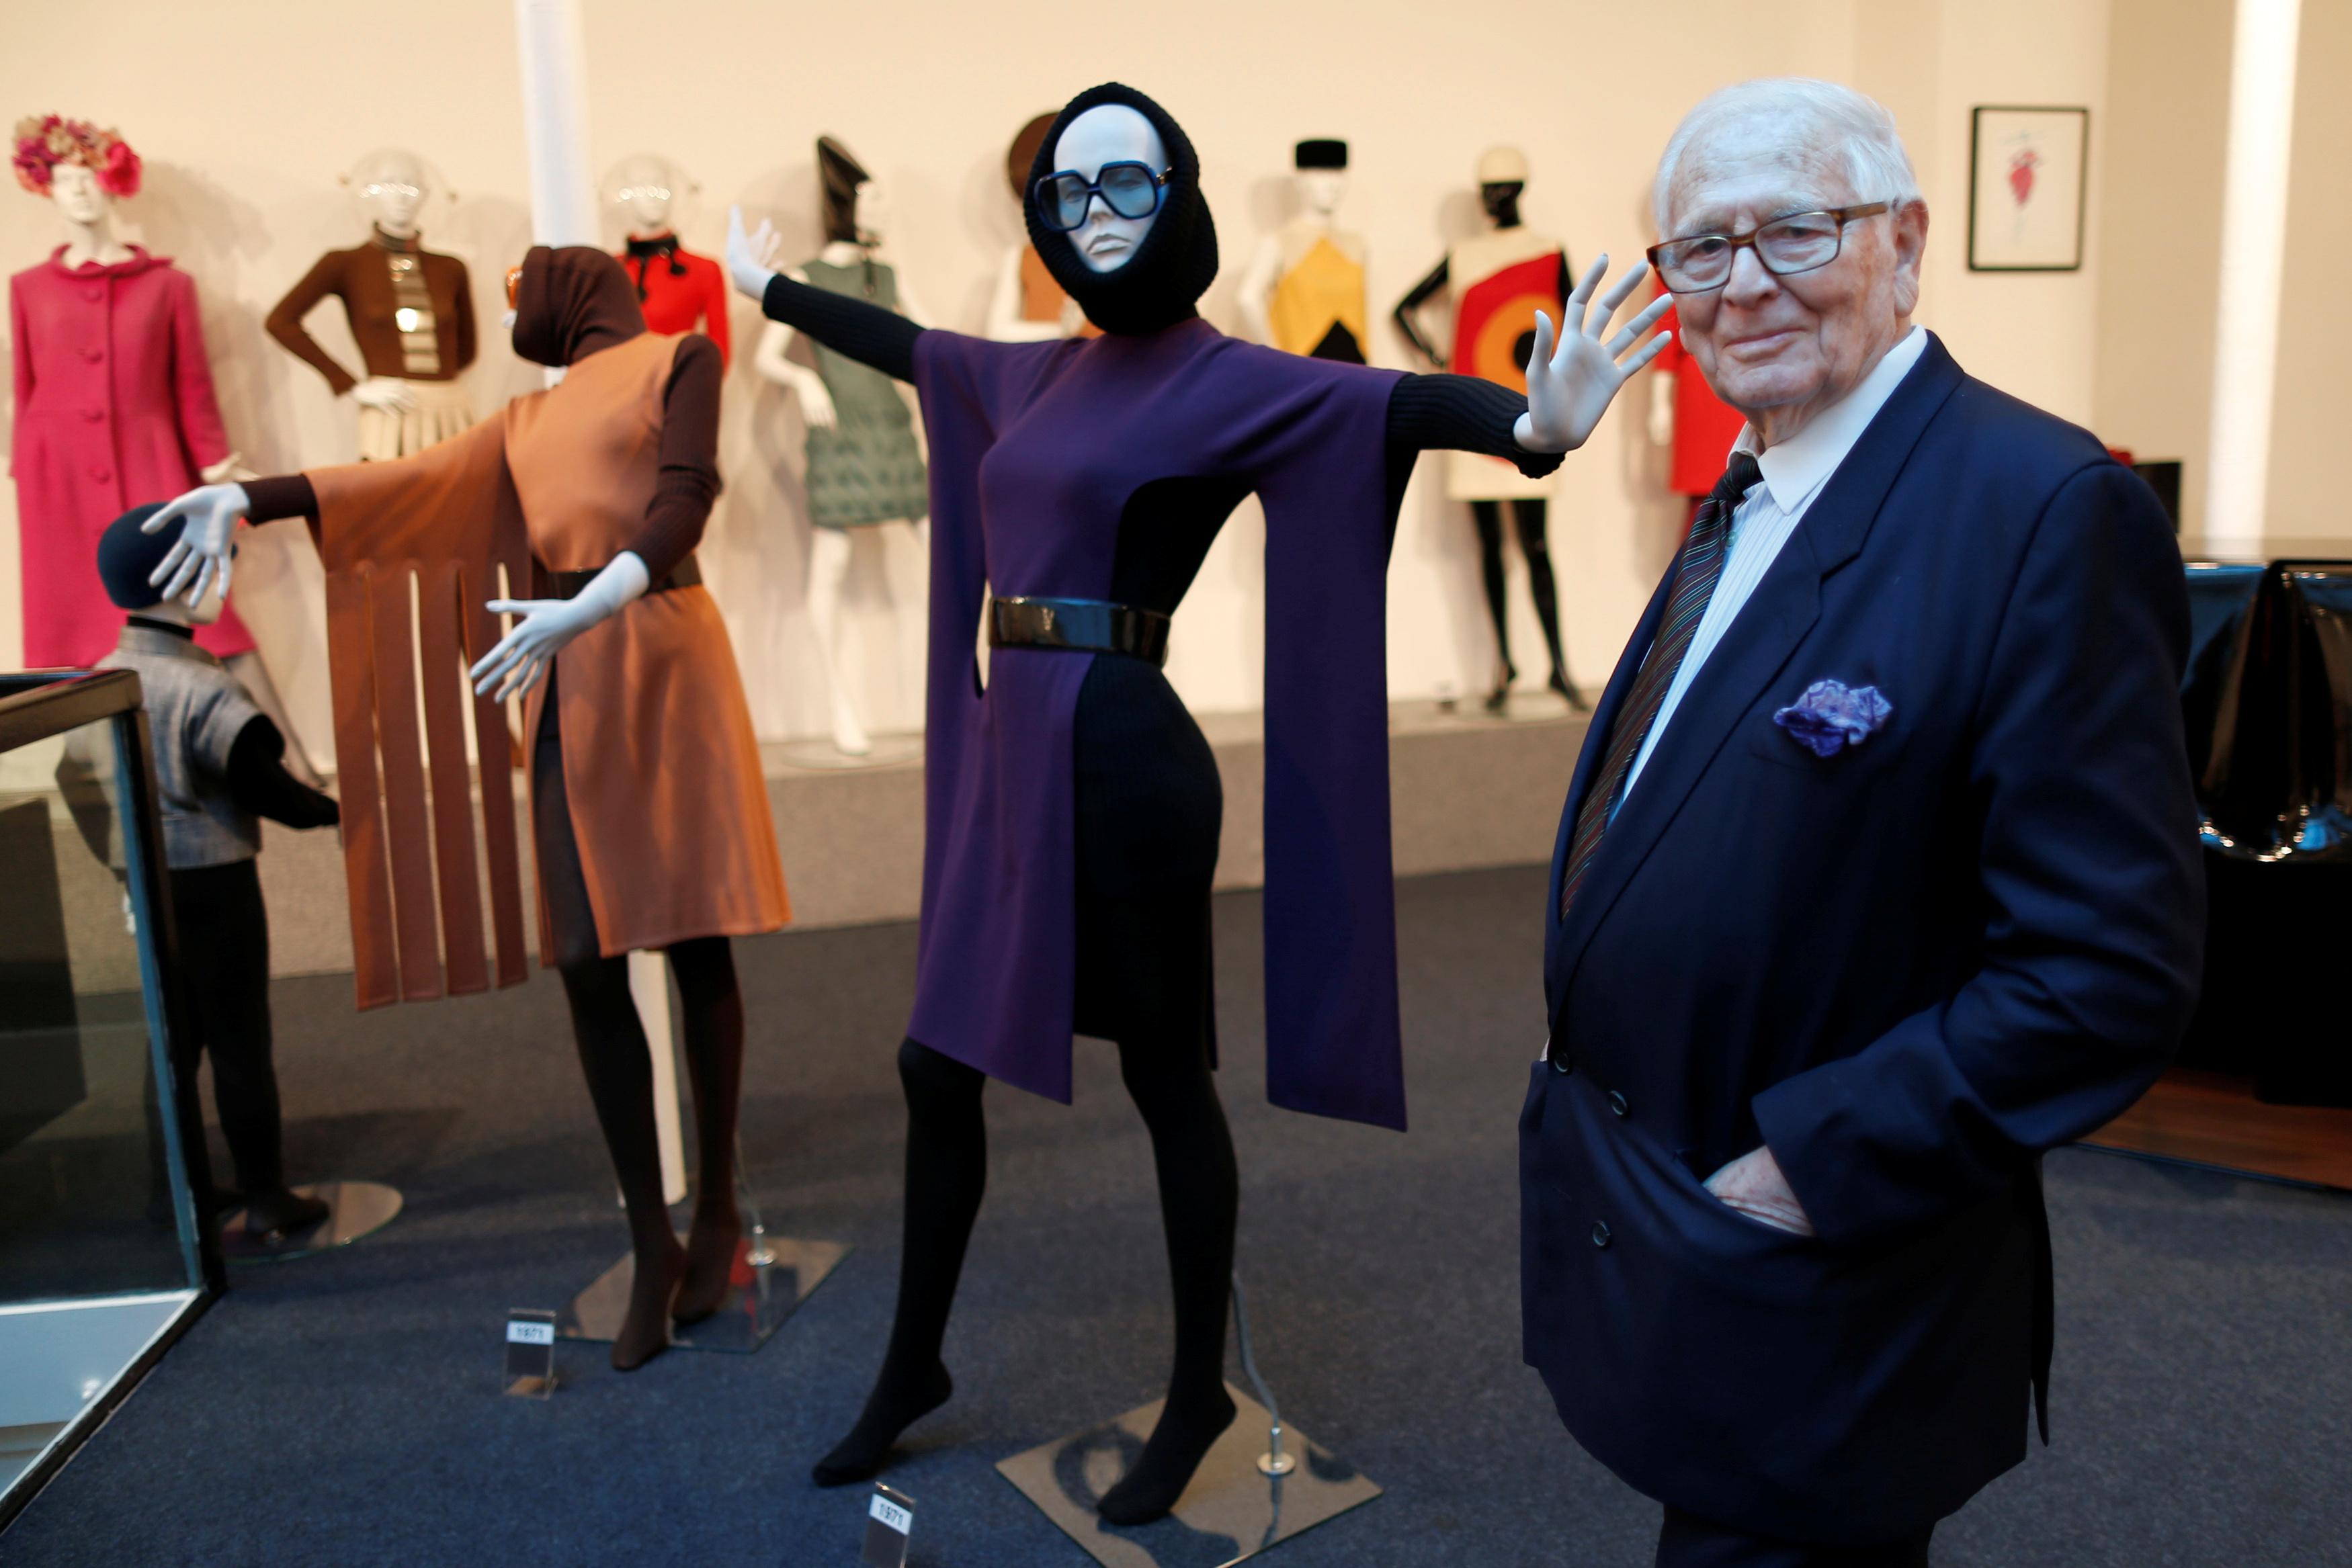 El modisto francés Pierre Cardin, estilista visionario y pionero del prêt-à-porter, falleció el martes a los 98 años. Sus orígenes se sitúan en Italia, en San Biagio di Callalta, en la región de Véneto, lugar en el que nació en el año 1922. Sin embargo, la Segunda Guerra Mundial obligó a su familia a trasladarse a Francia, para en 1945 asentarse en París